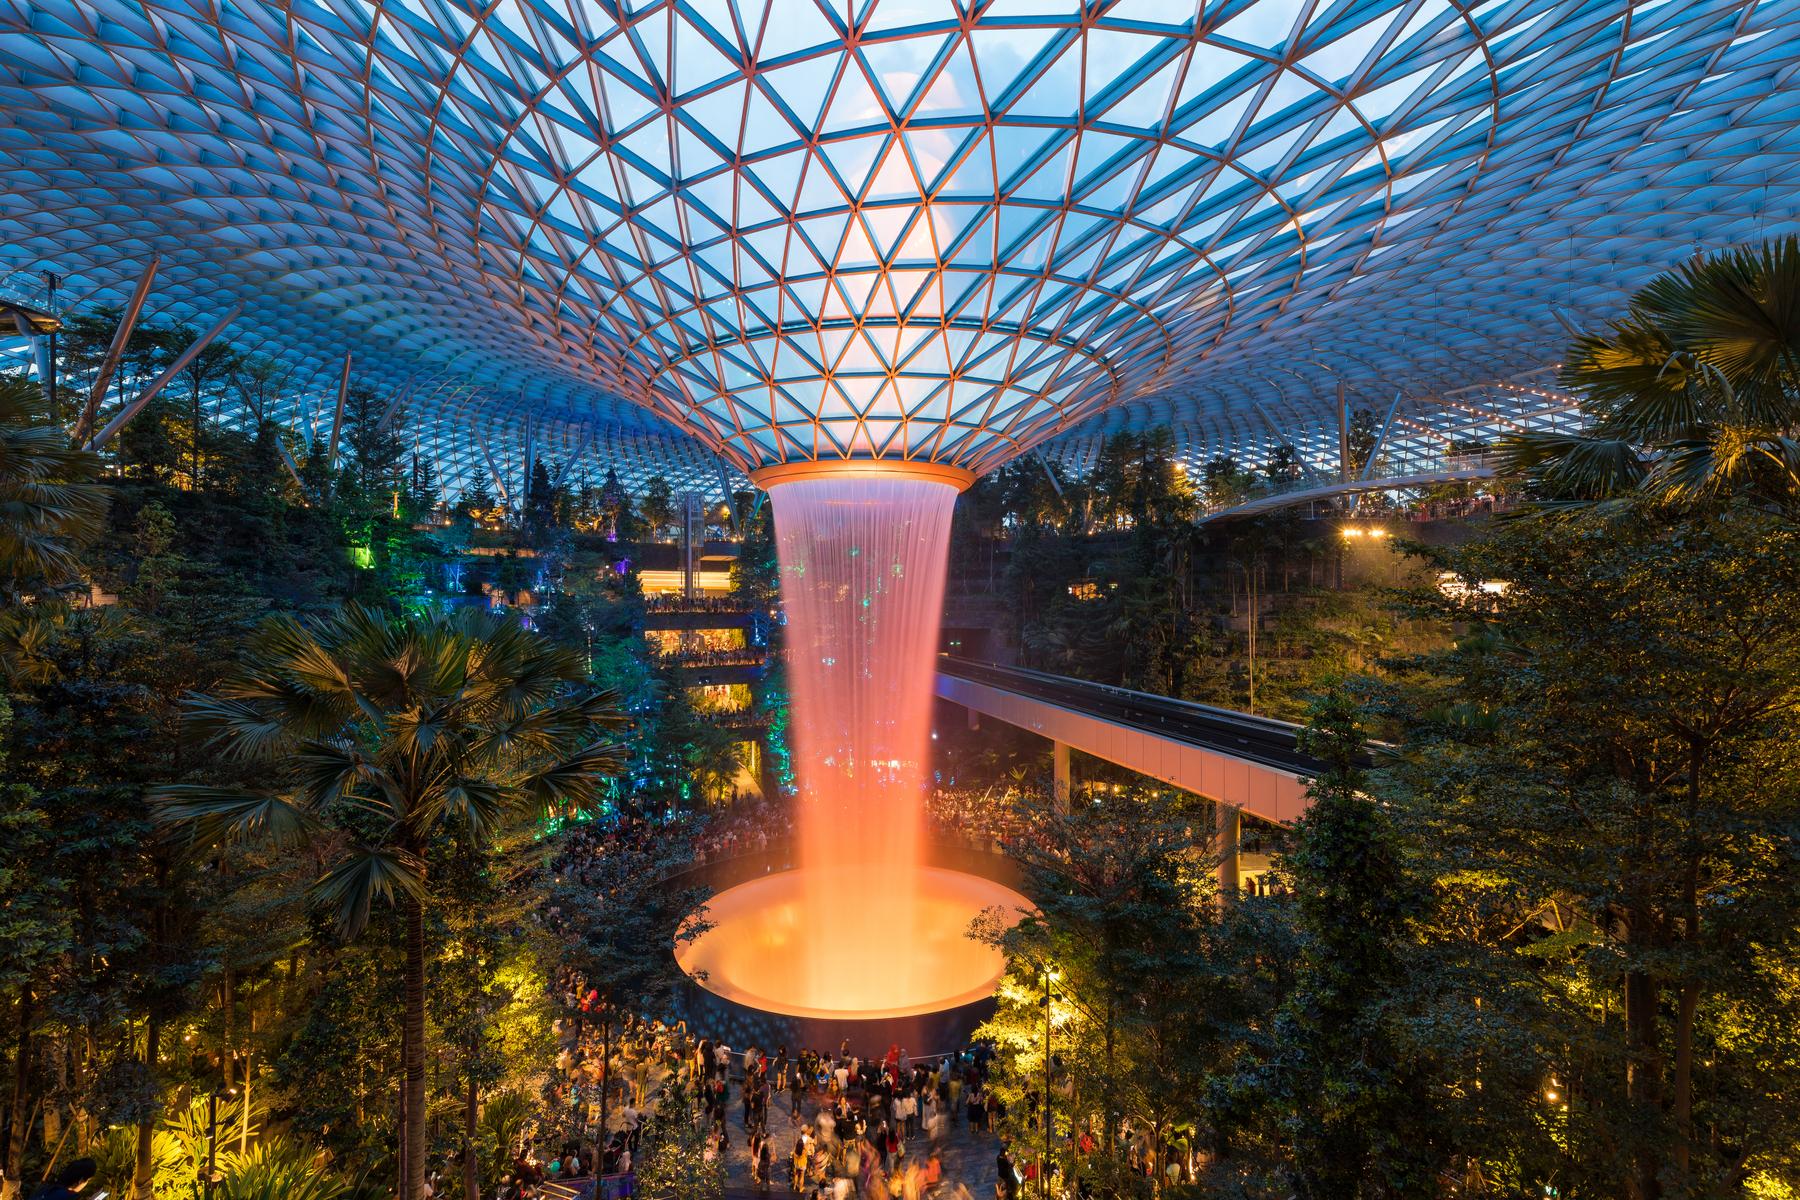 Singapore cho phép du khách Việt Nam nhập cảnh trở lại kể từ ngày 8/10 - Ảnh 2.